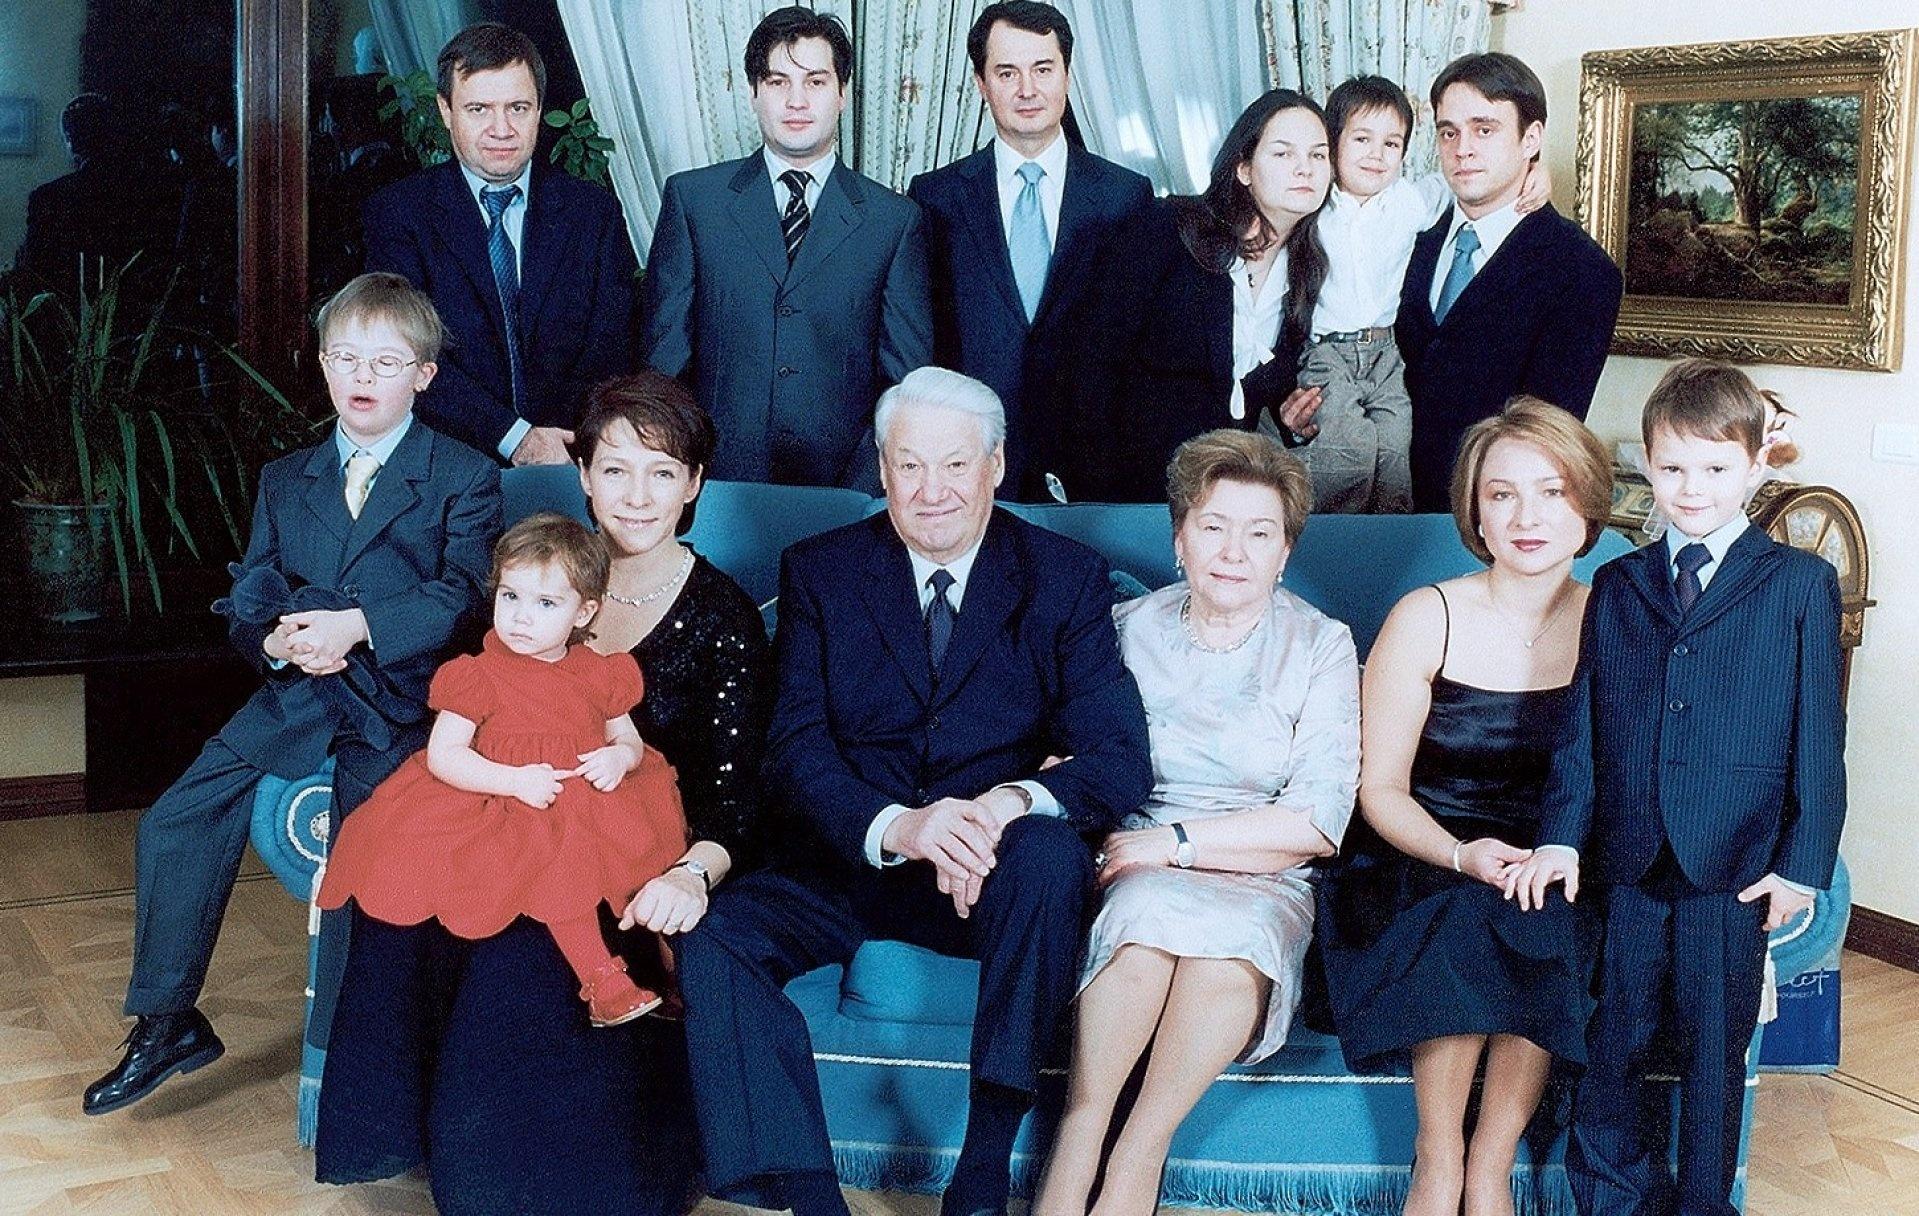 Семья Бориса Ельцина. Валентин Юмашев крайний слева вверху. Фото: yeltsin.ru